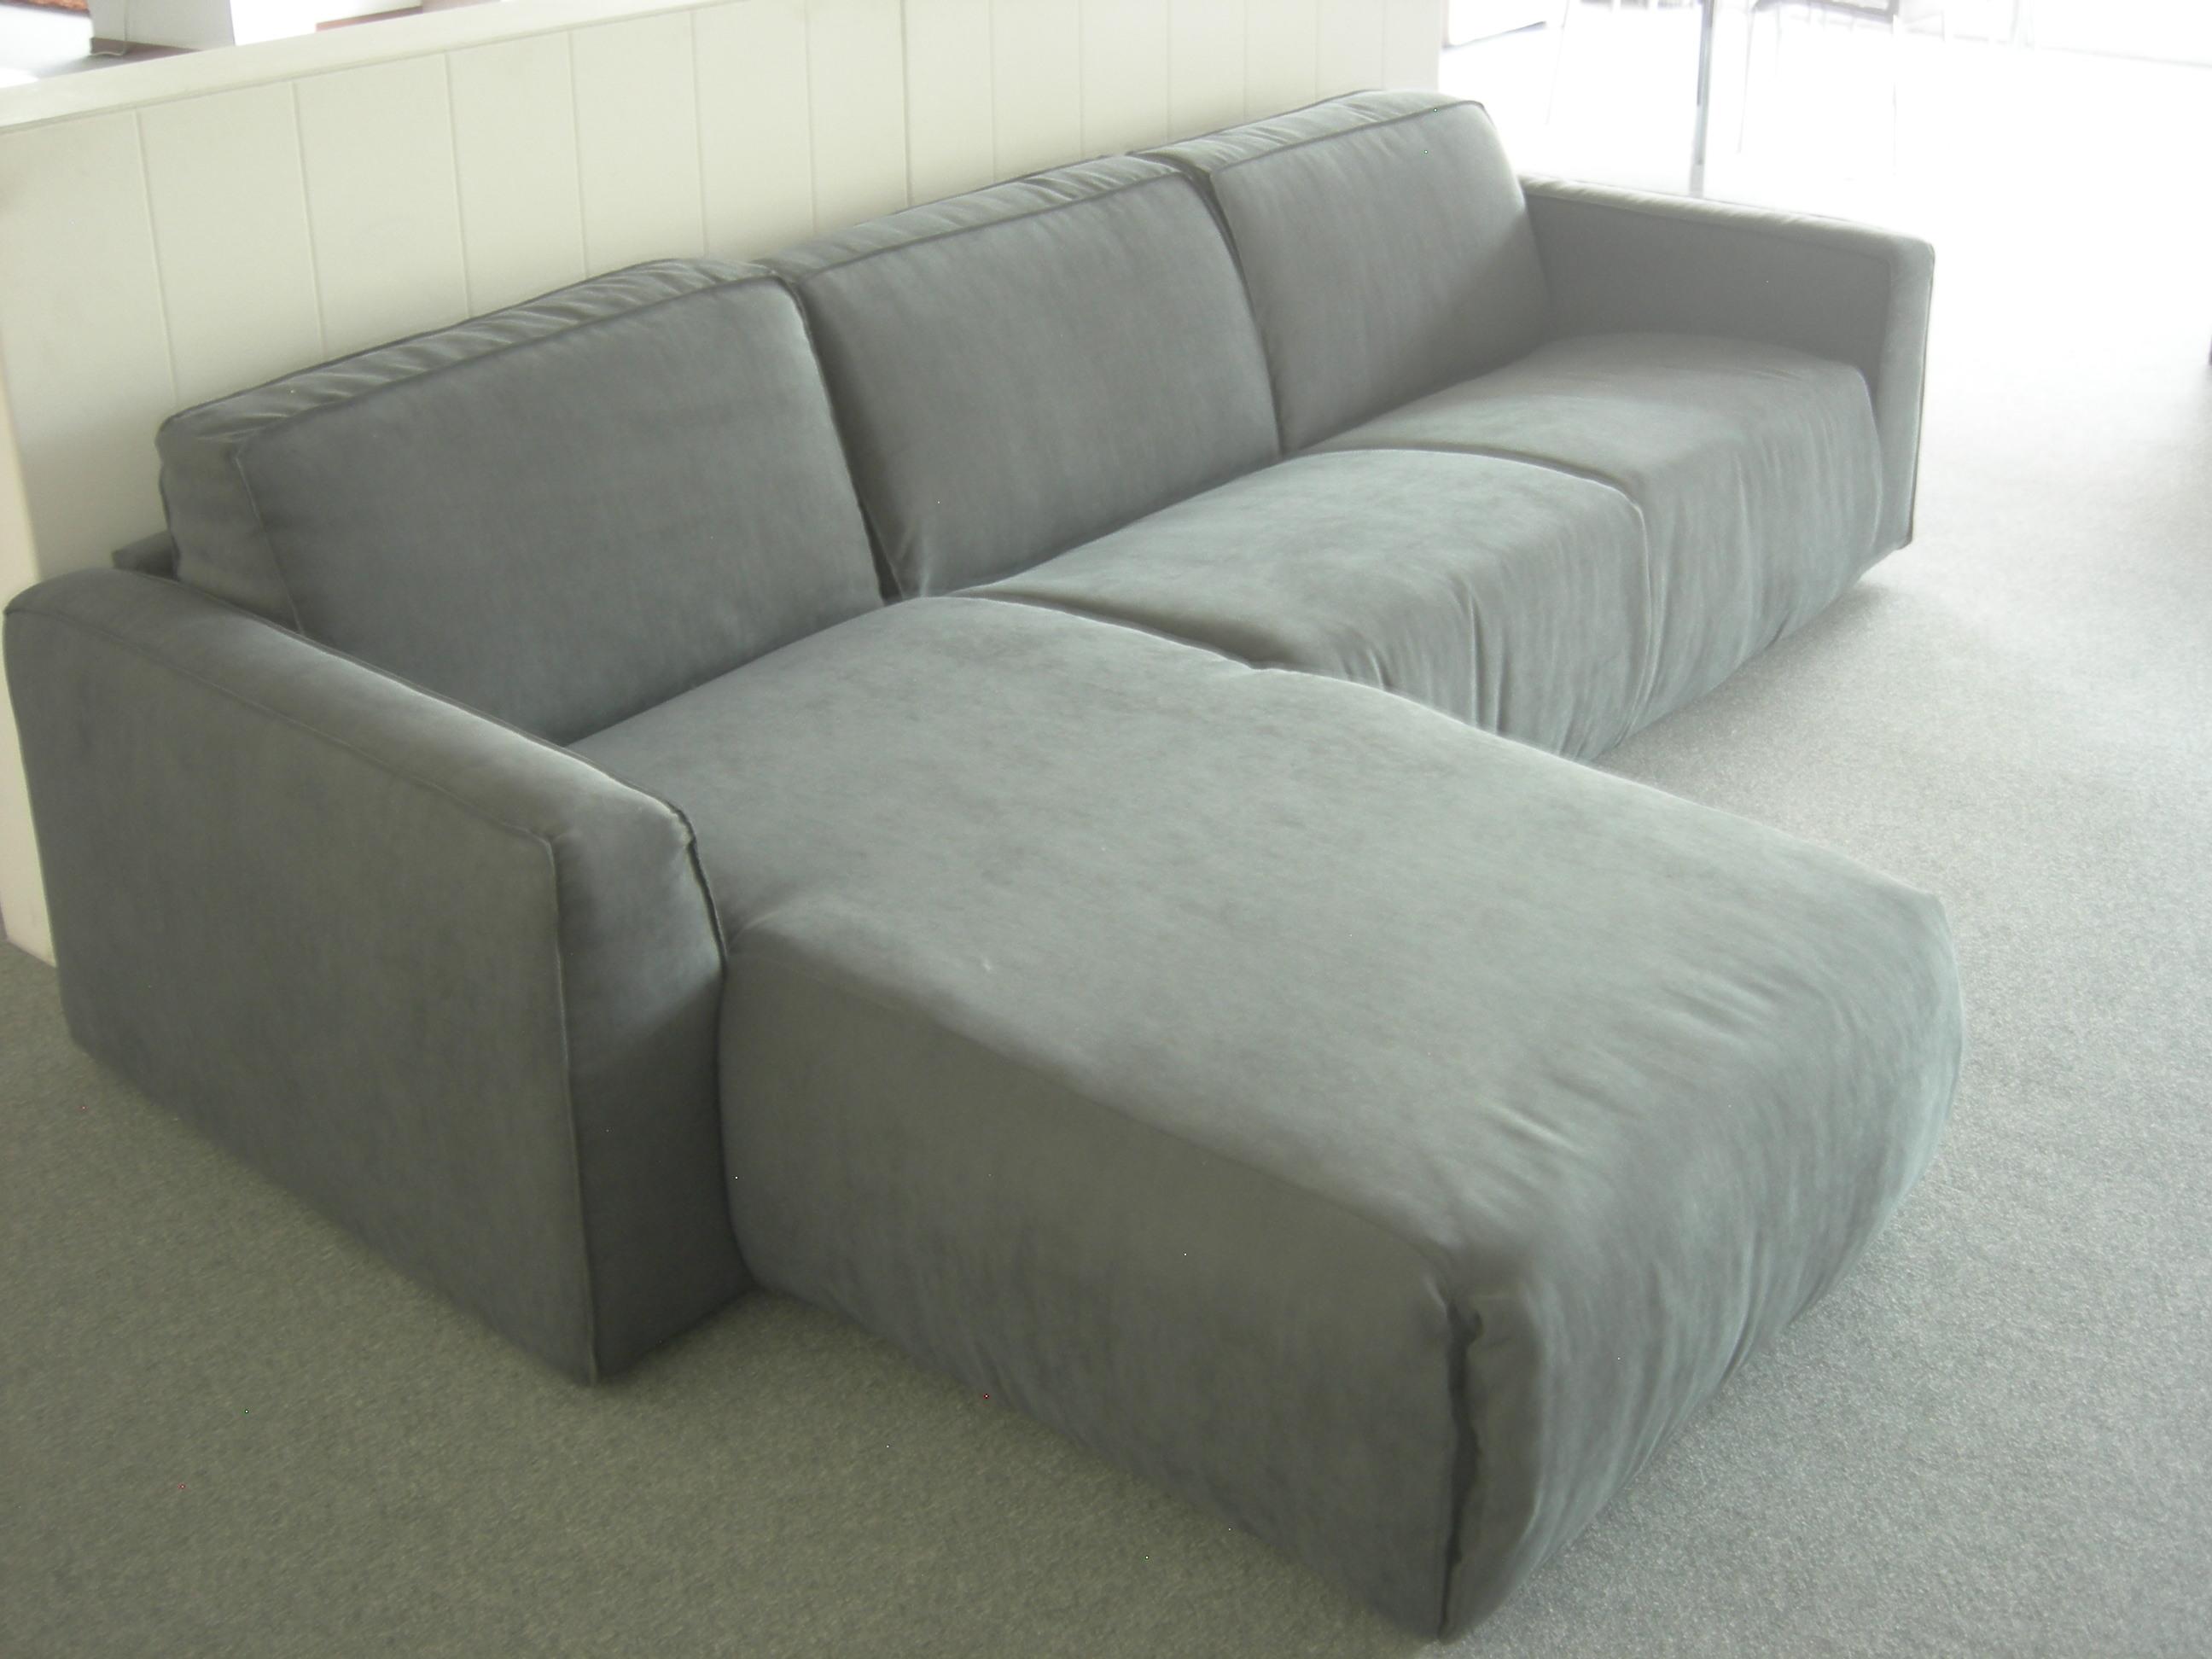 Divano letto skipper con penisola di de angeli divani a - Microfibra divano ...